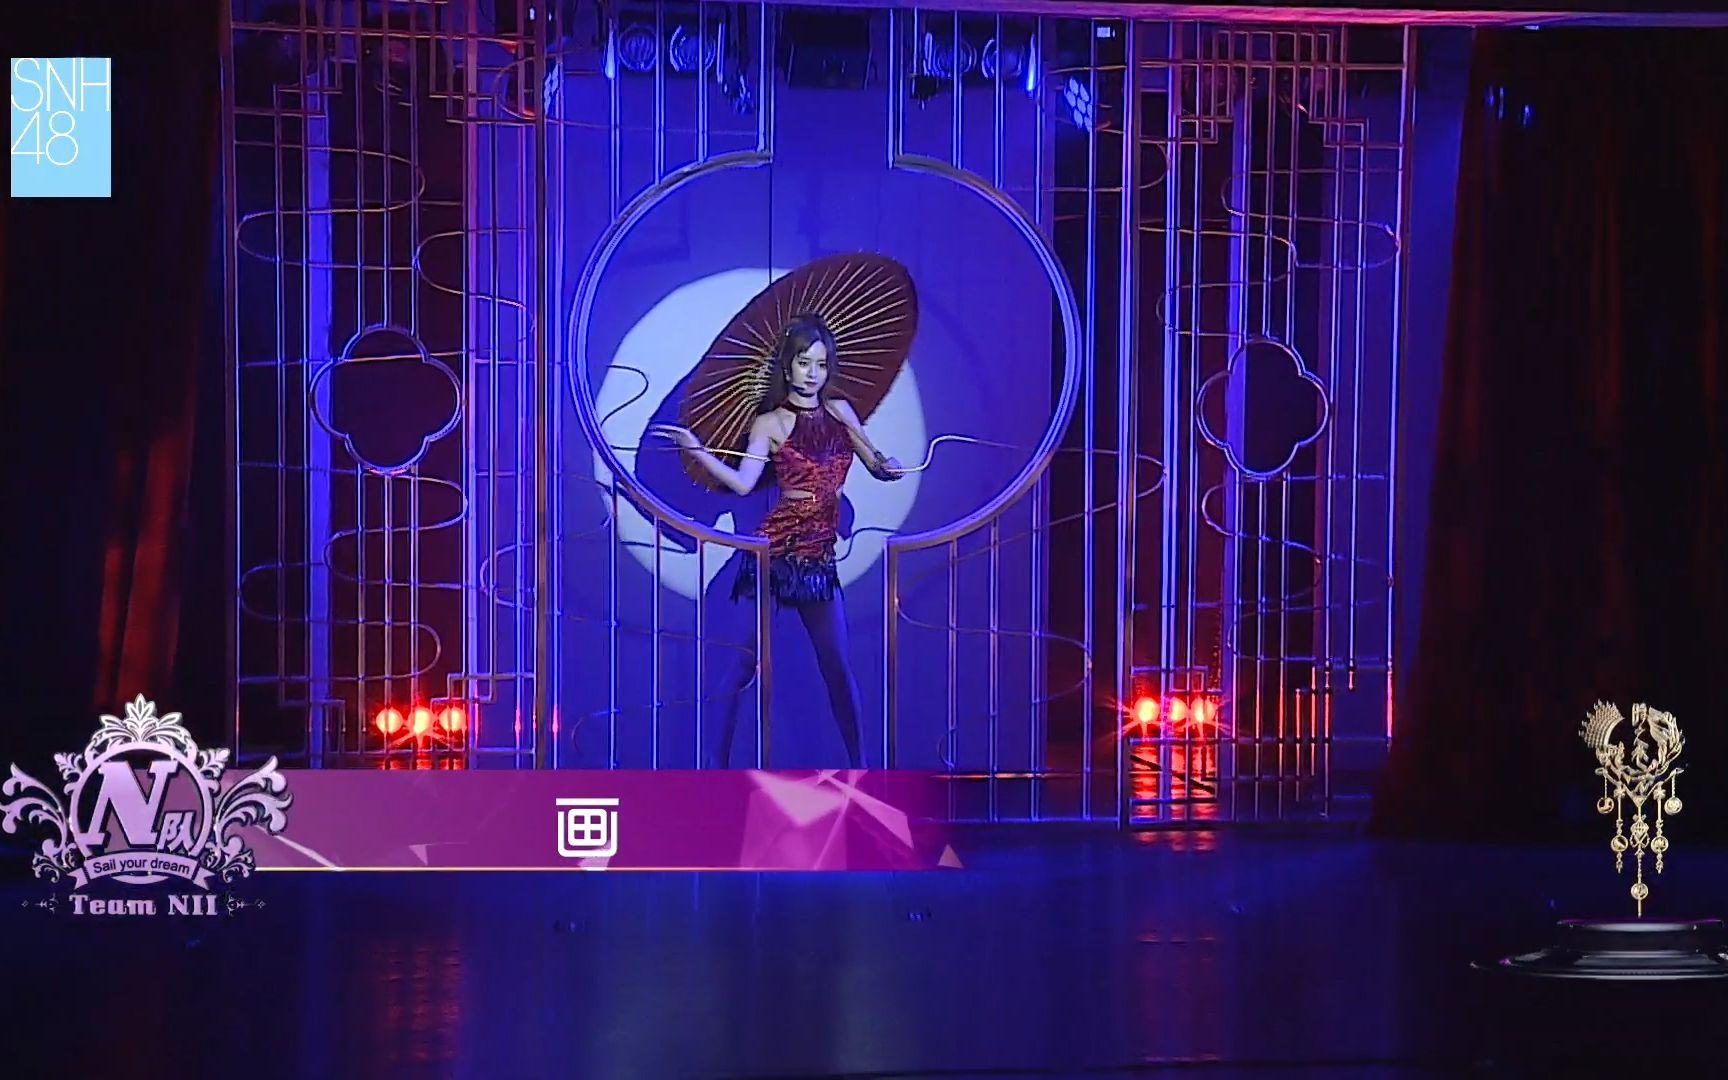 来看茜茜不一样的《画》 (【SNH48】《时之卷》公演2019年08月18日13-45-00)